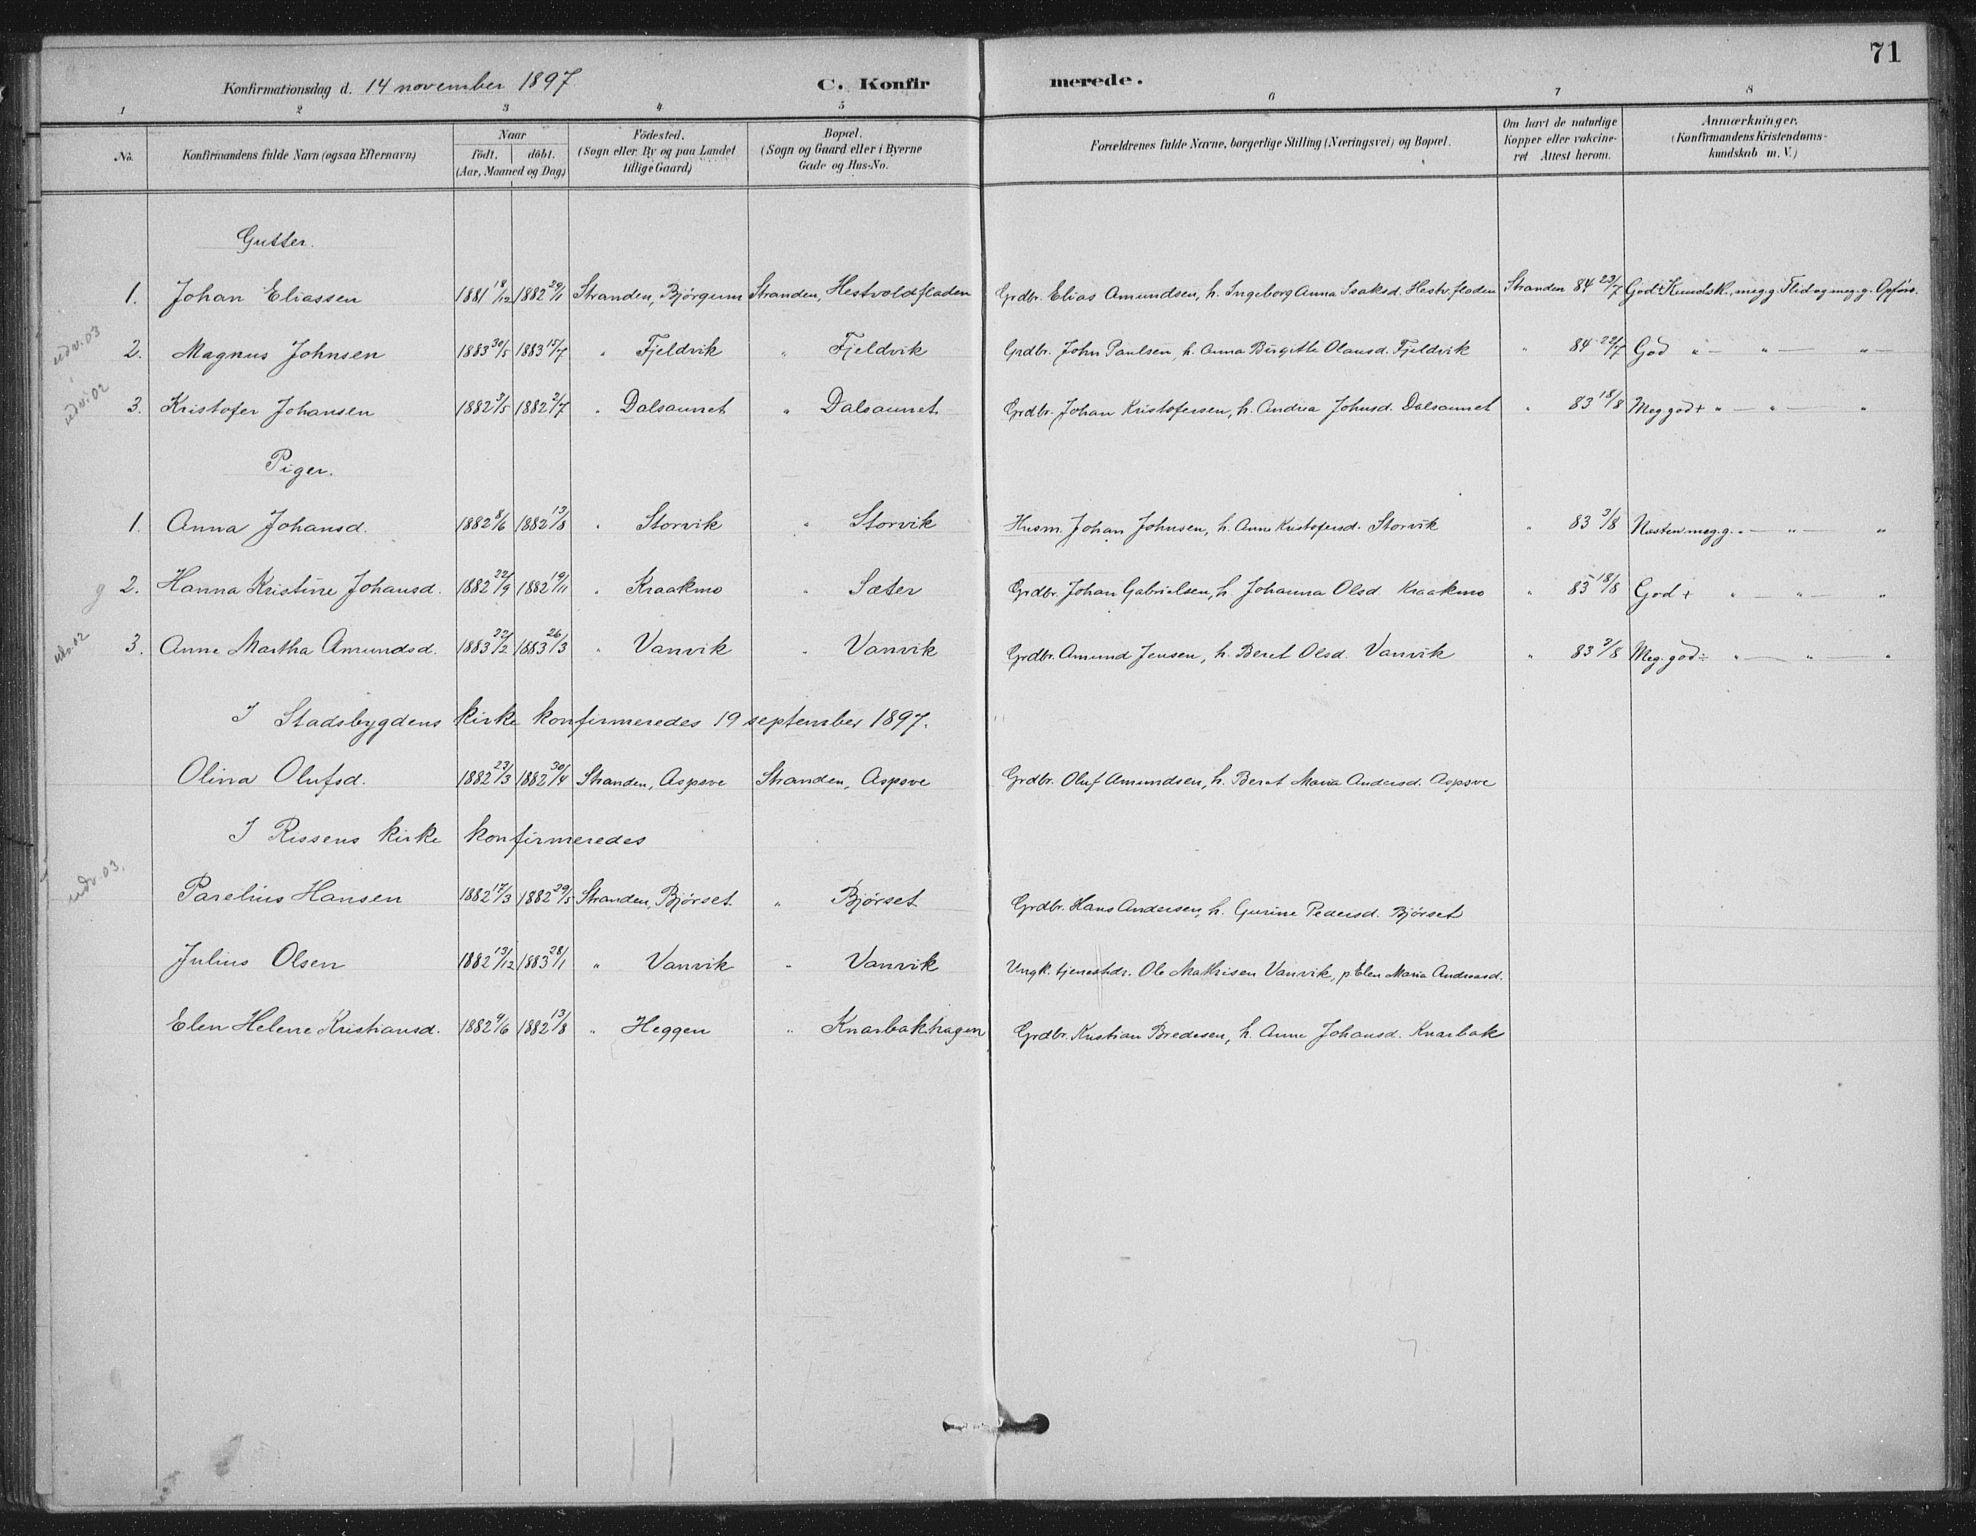 SAT, Ministerialprotokoller, klokkerbøker og fødselsregistre - Nord-Trøndelag, 702/L0023: Ministerialbok nr. 702A01, 1883-1897, s. 71